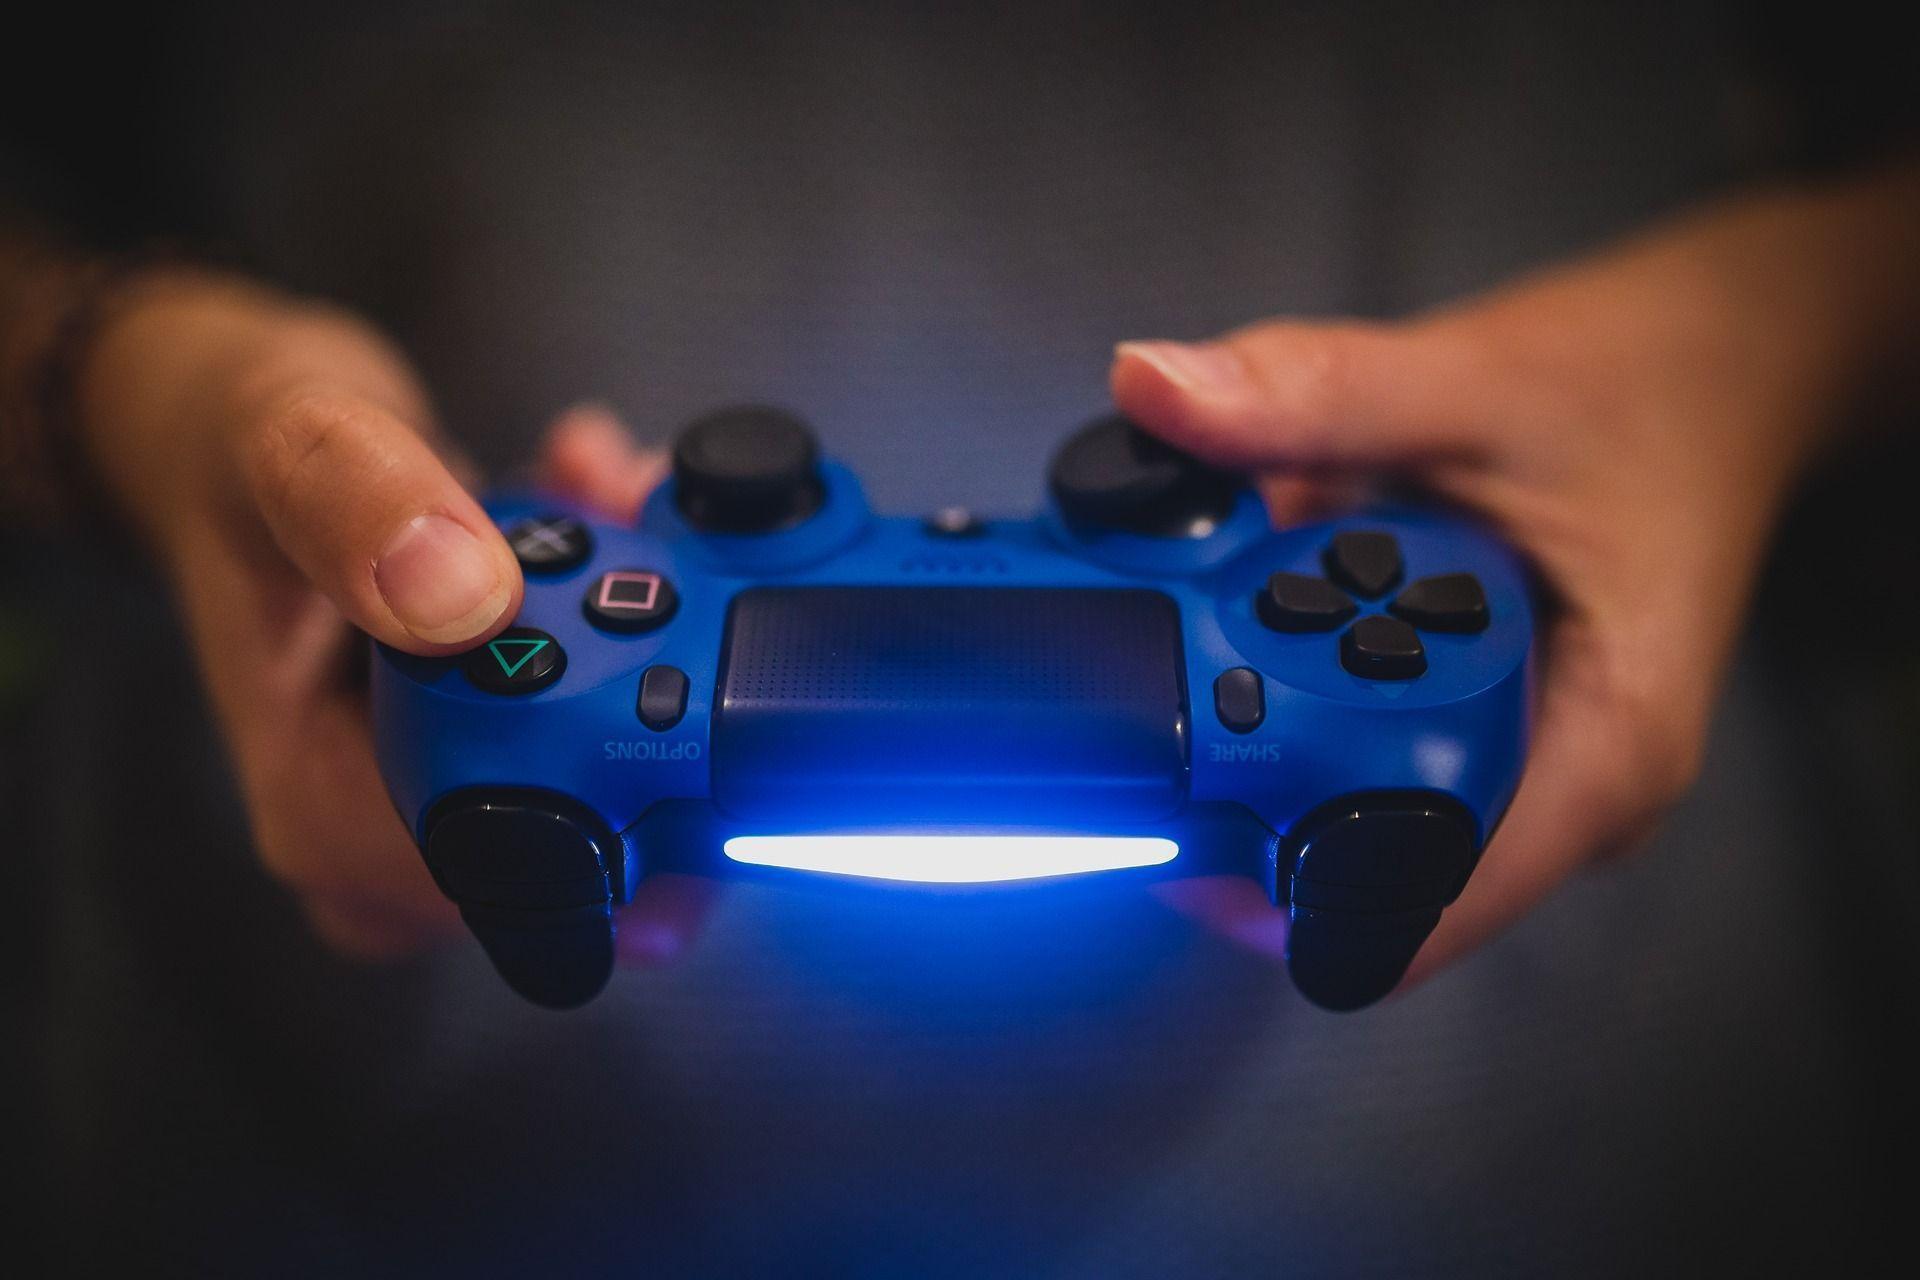 La Organización Mundial de la Salud ahora sí recomienda los videojuegos para afrontar la cuarentena